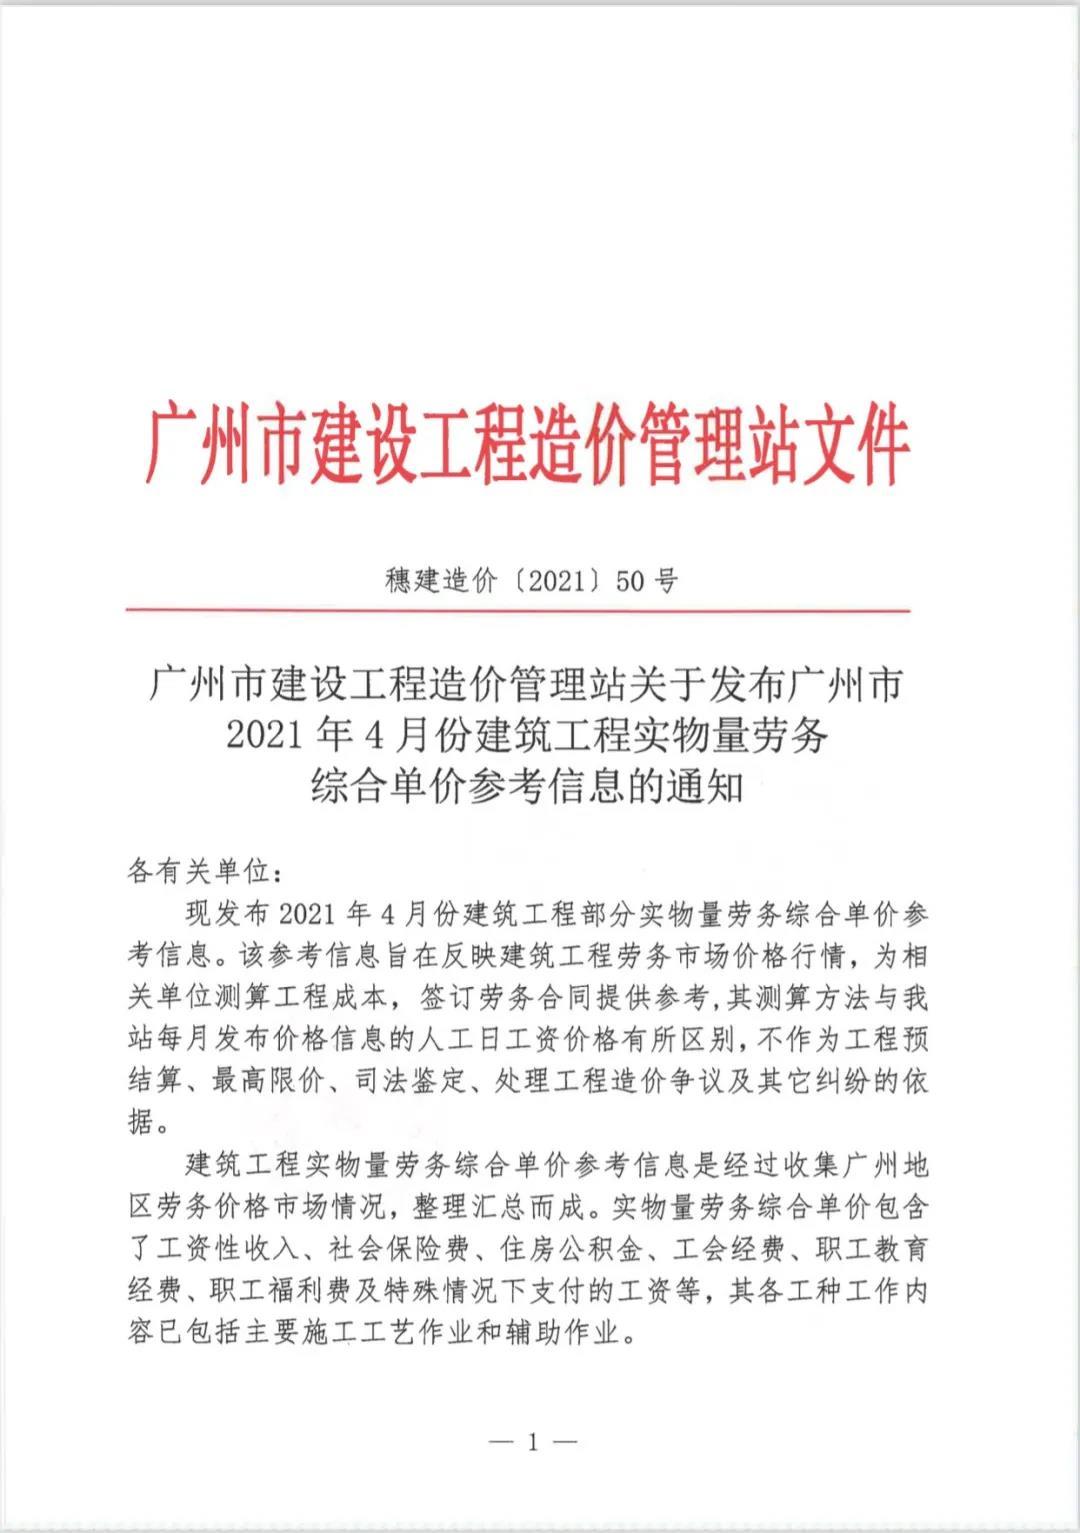 关于发布广州市2021年4月份建筑工程实物量劳务综合单价参考信息的通知